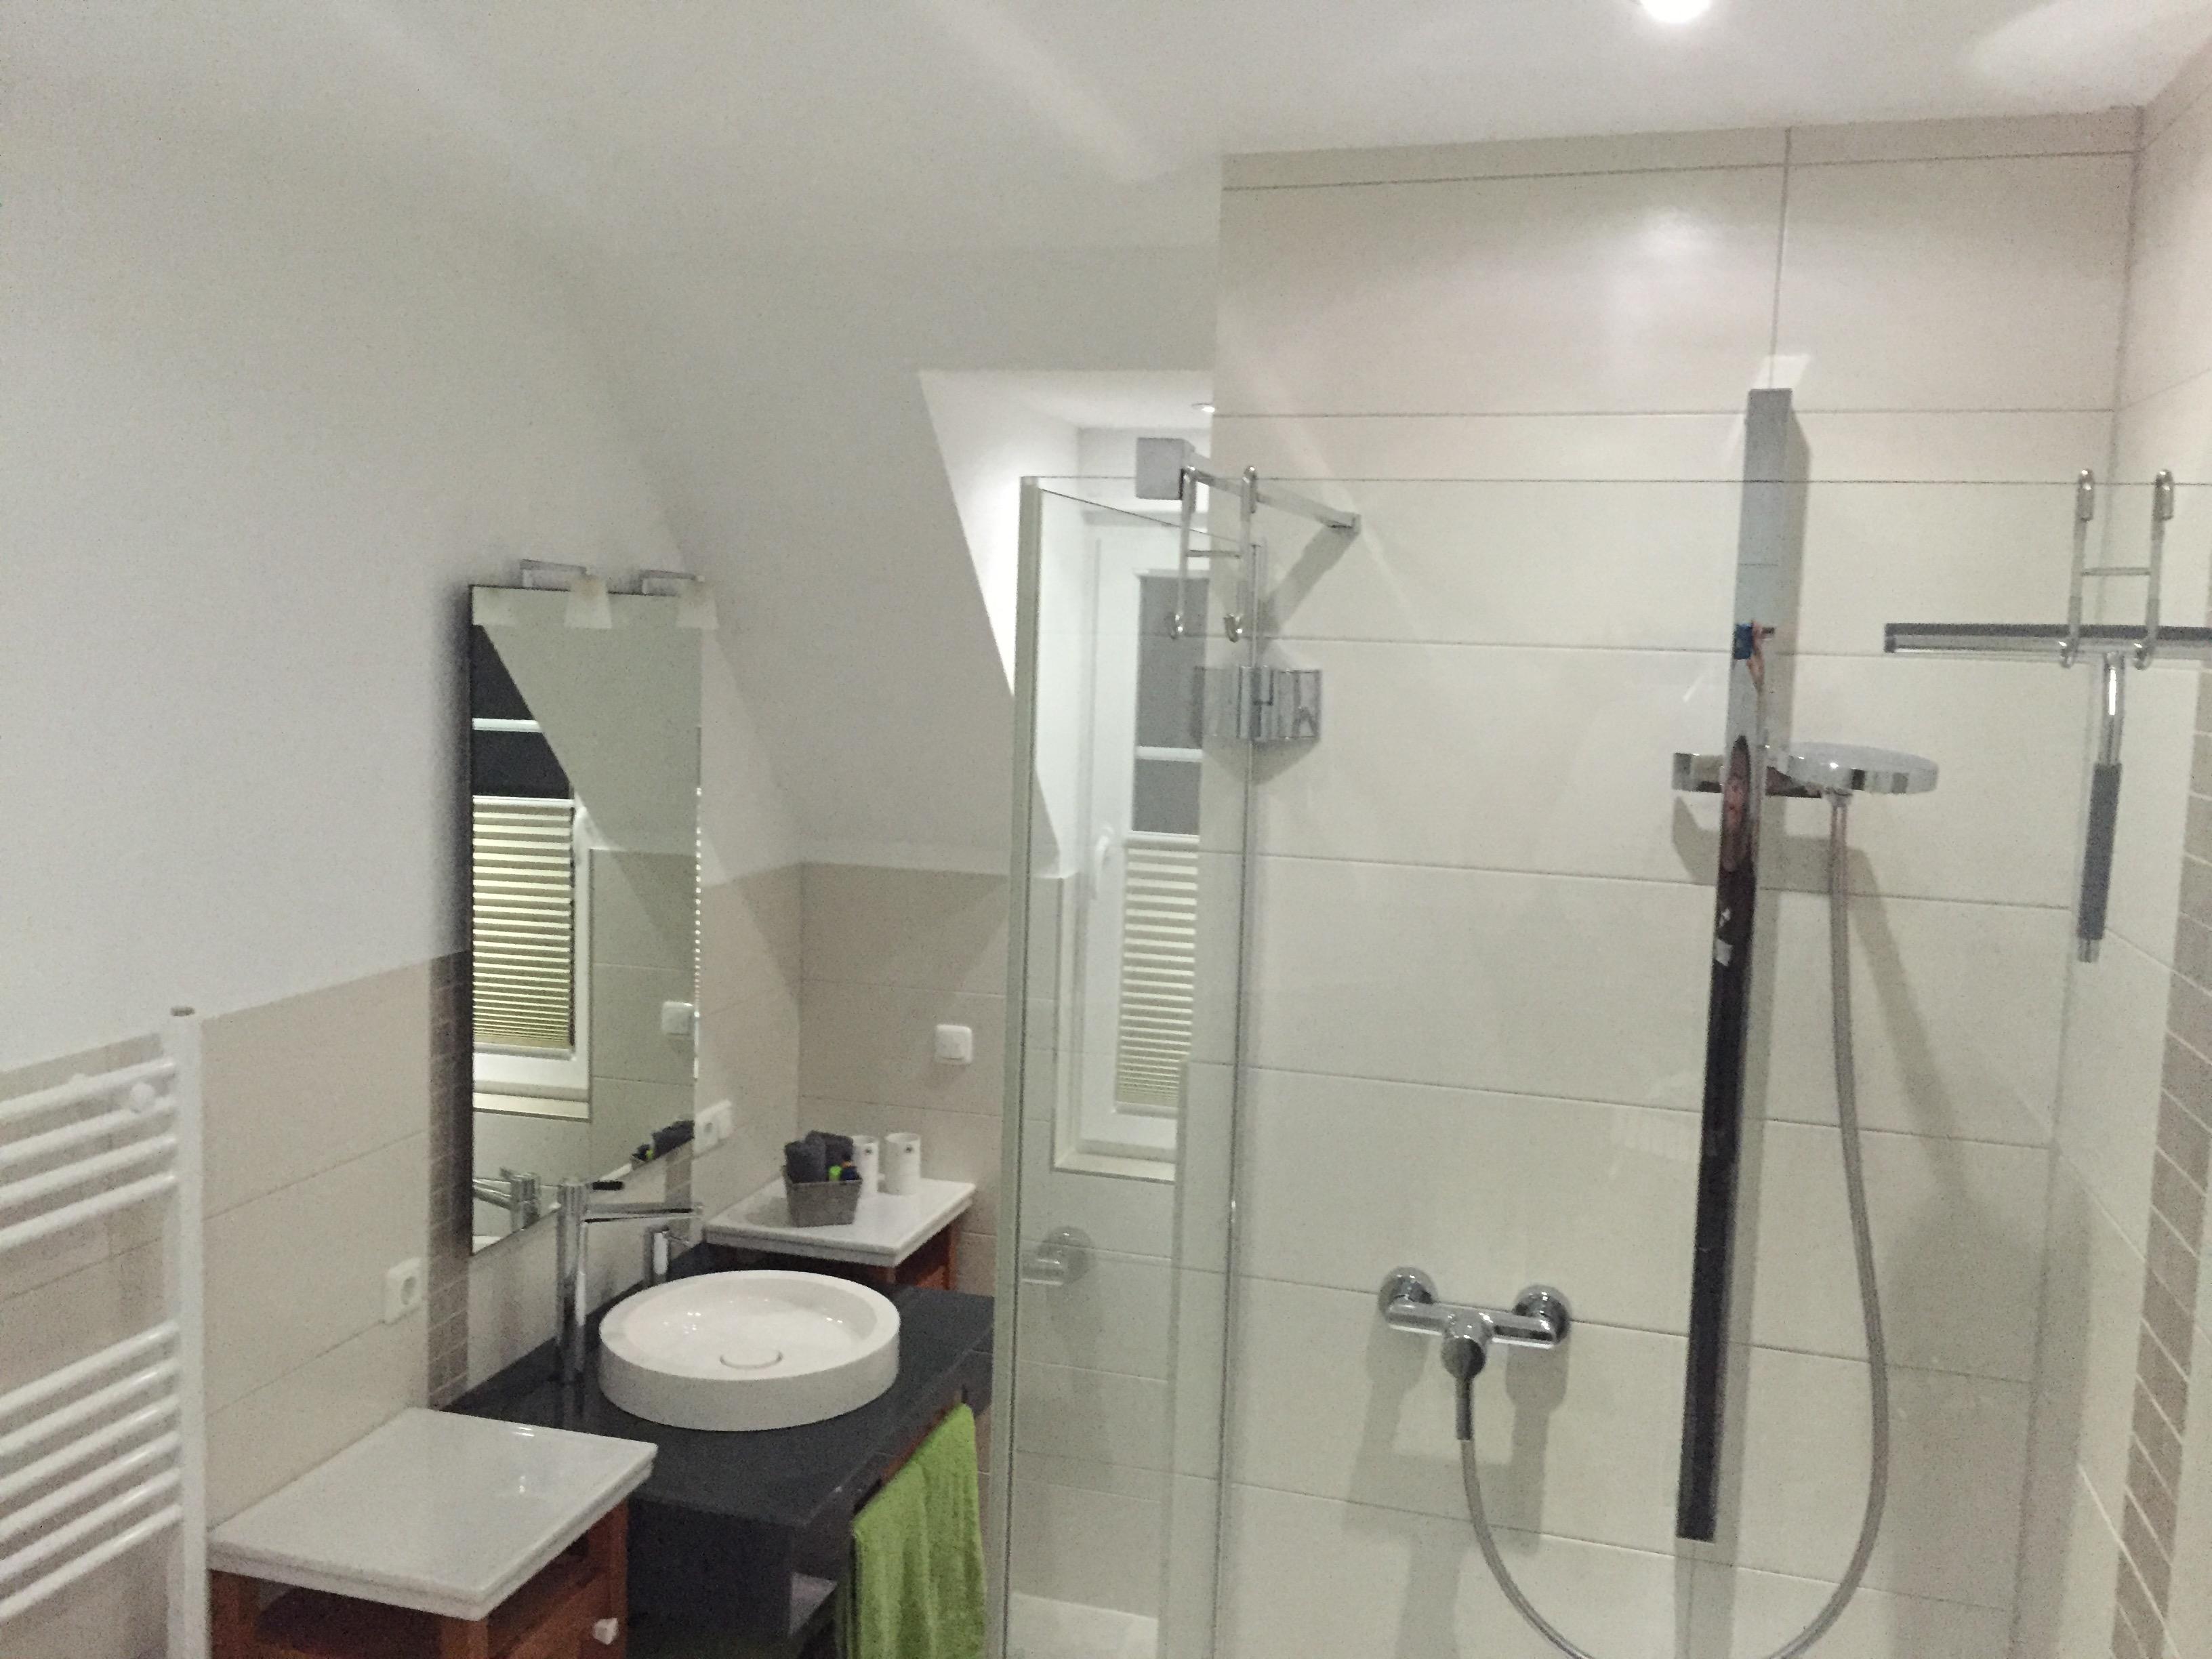 ferienwohnung casa blanca, (warendorf). ferienwohnung für 1-2 pers, Badezimmer ideen